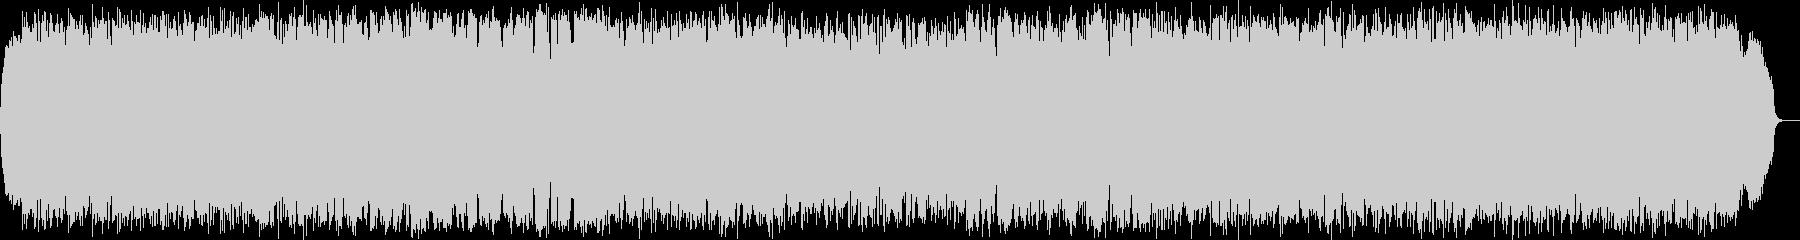 力強く幻想的なケーナのニューエイジ音楽の未再生の波形